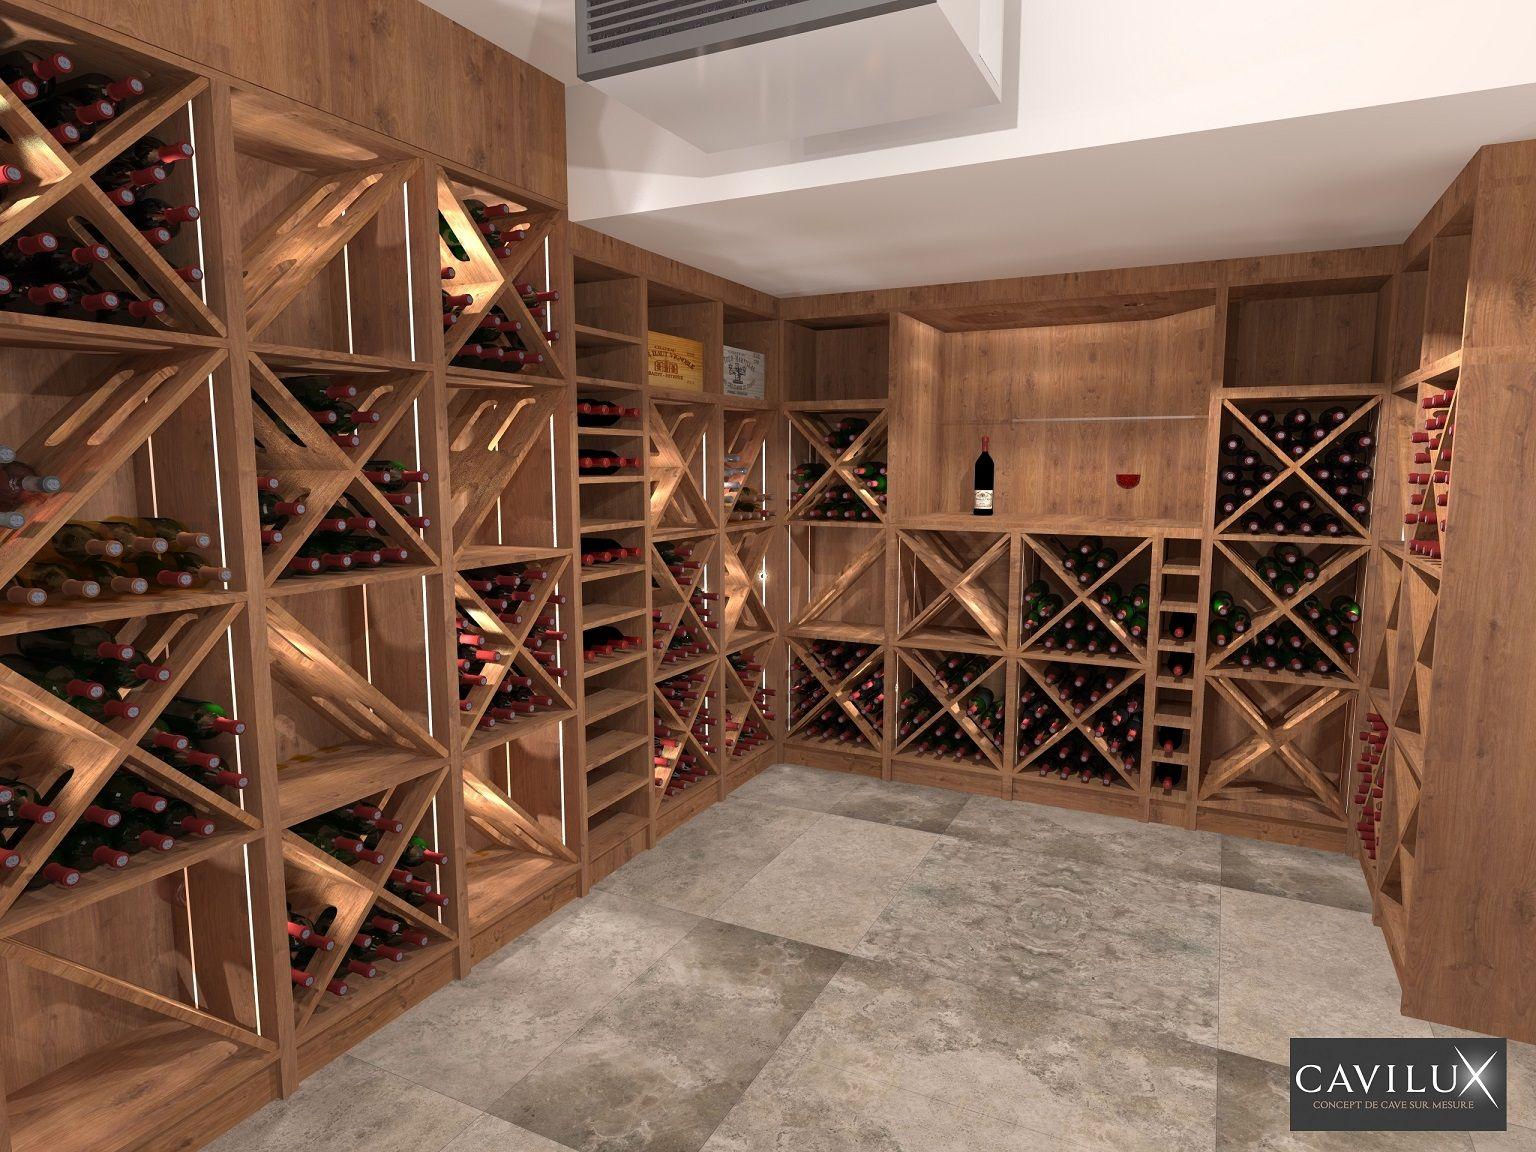 Projets 3d Cavilux Fabricant De Cave A Vin Sur Mesure Wine